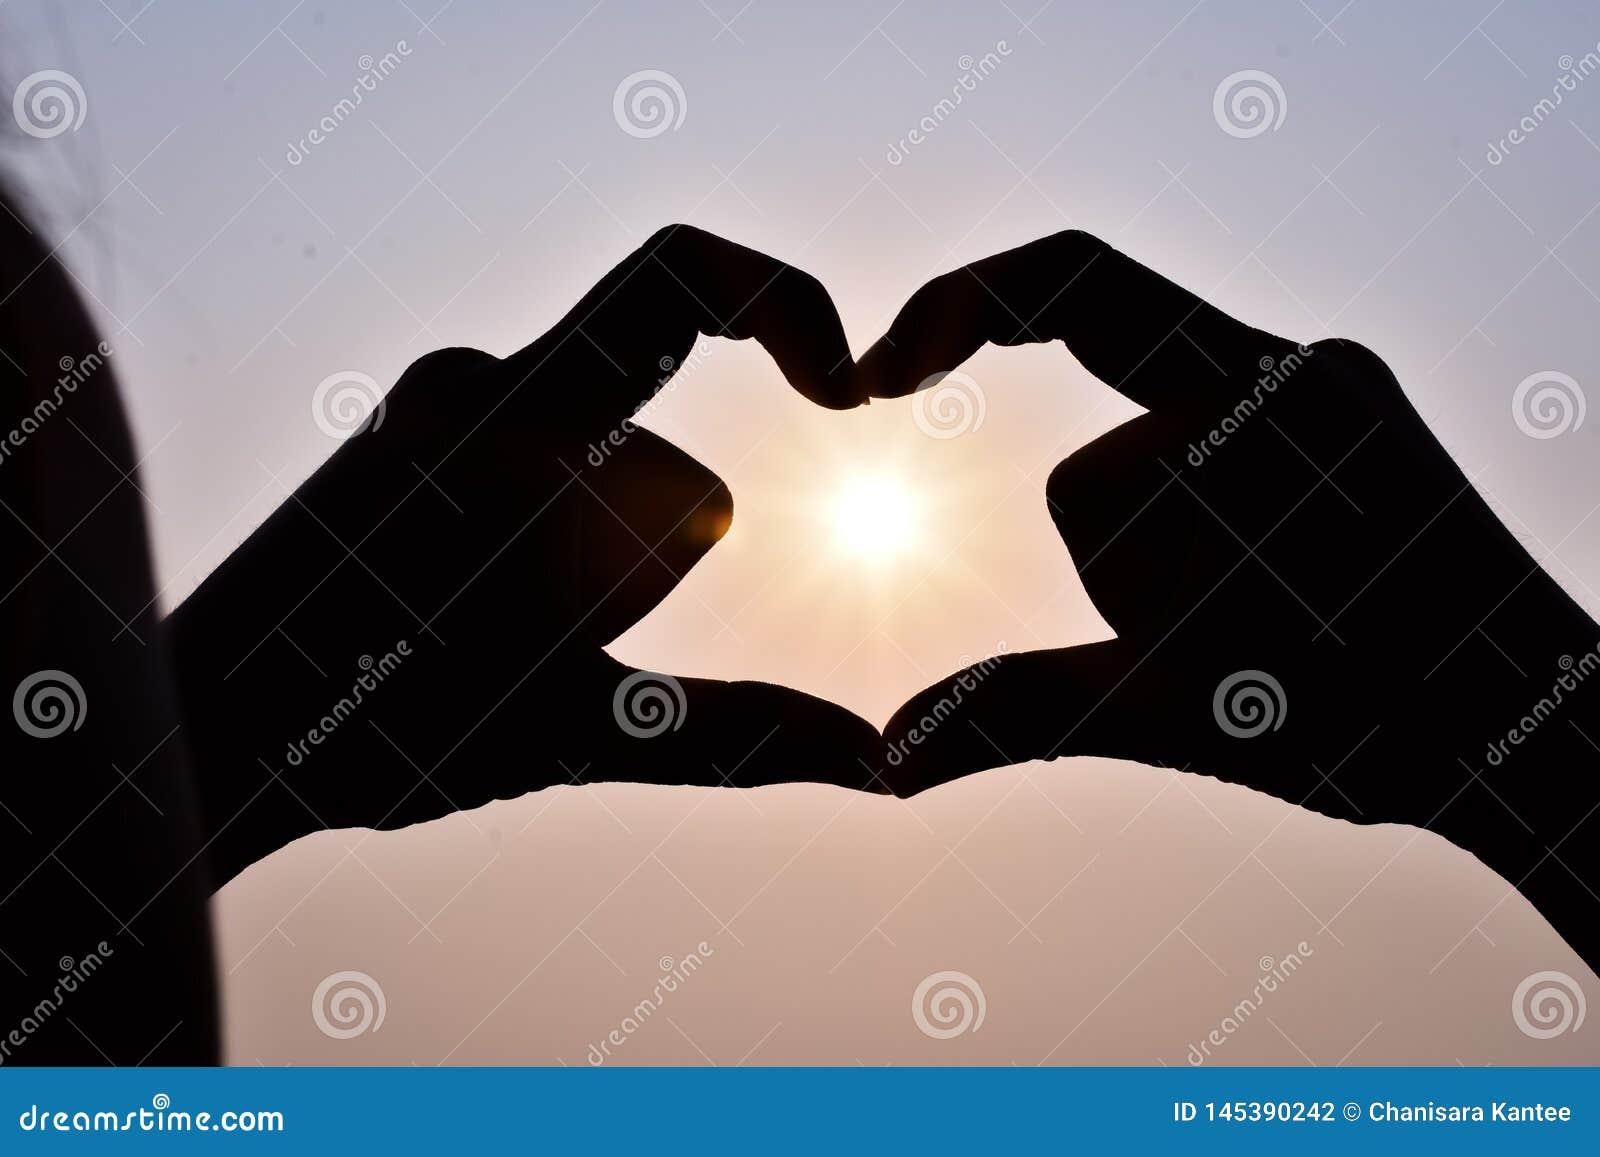 El woman& x27; s hecho a mano una forma del corazón, con el sol entrando abajo, secretamente en el centro y el cielo por la tard